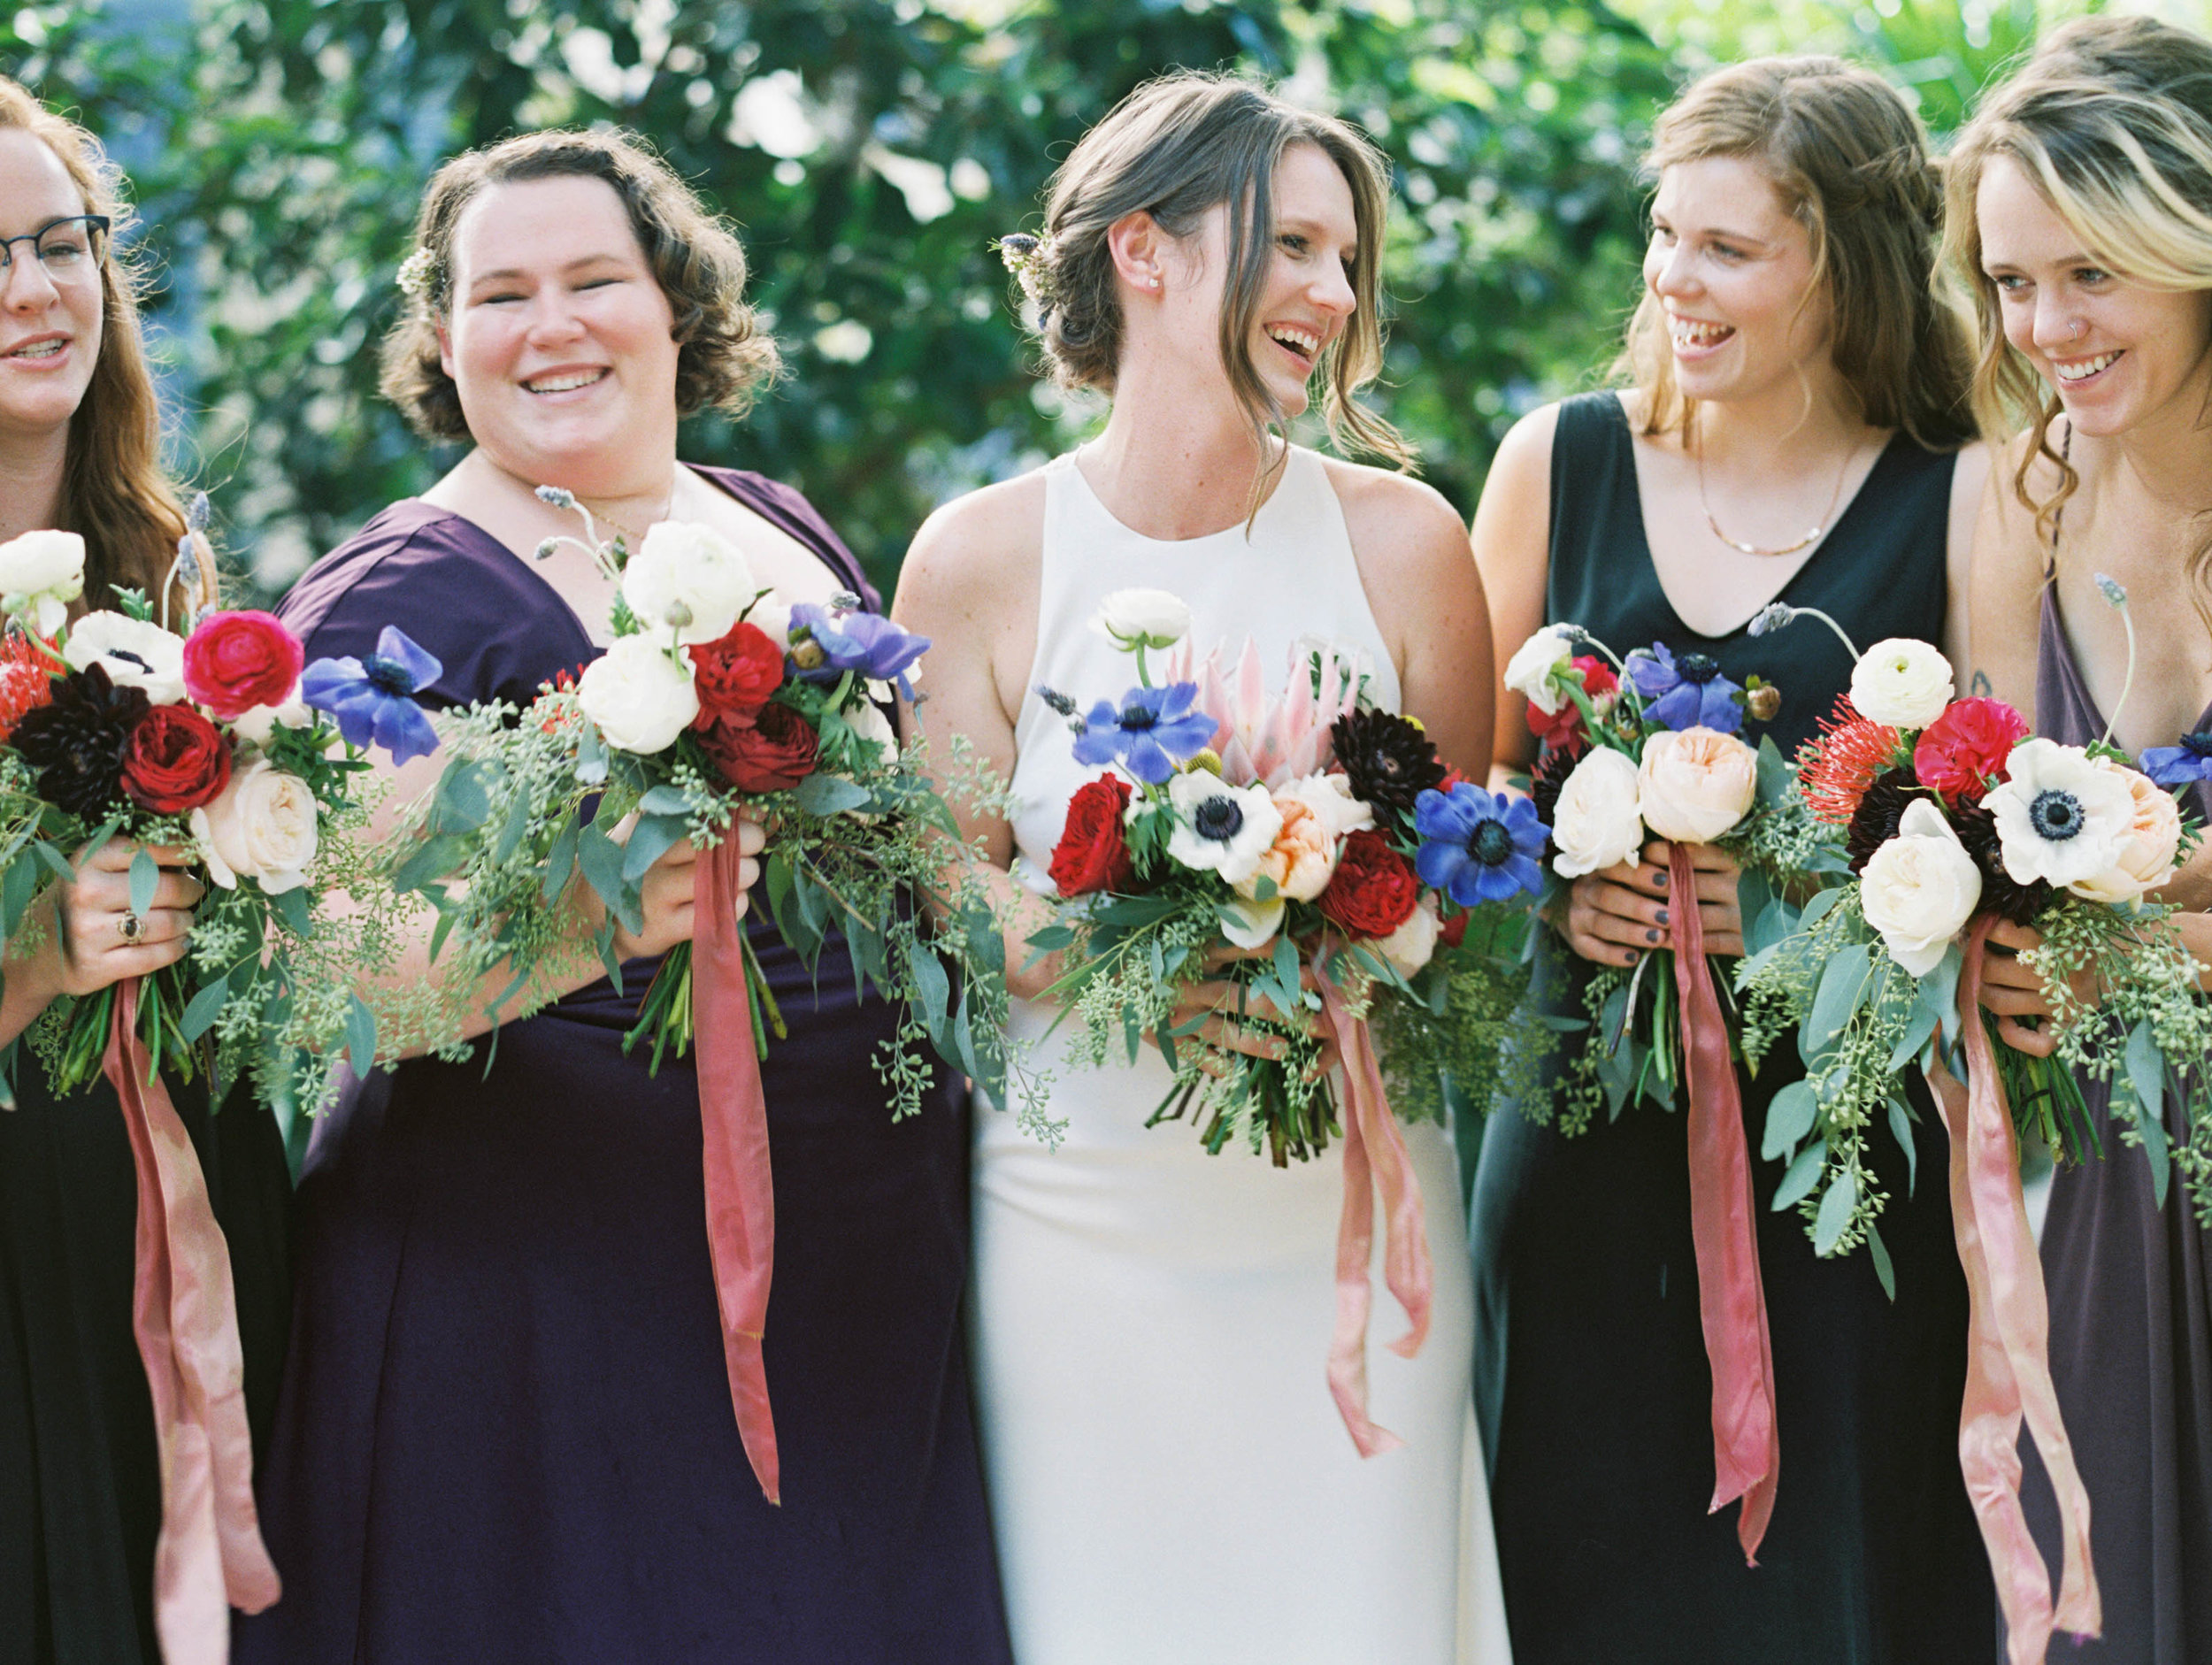 Alex-Kyrany-Wedding-Jennifers-Gardens-145.jpg